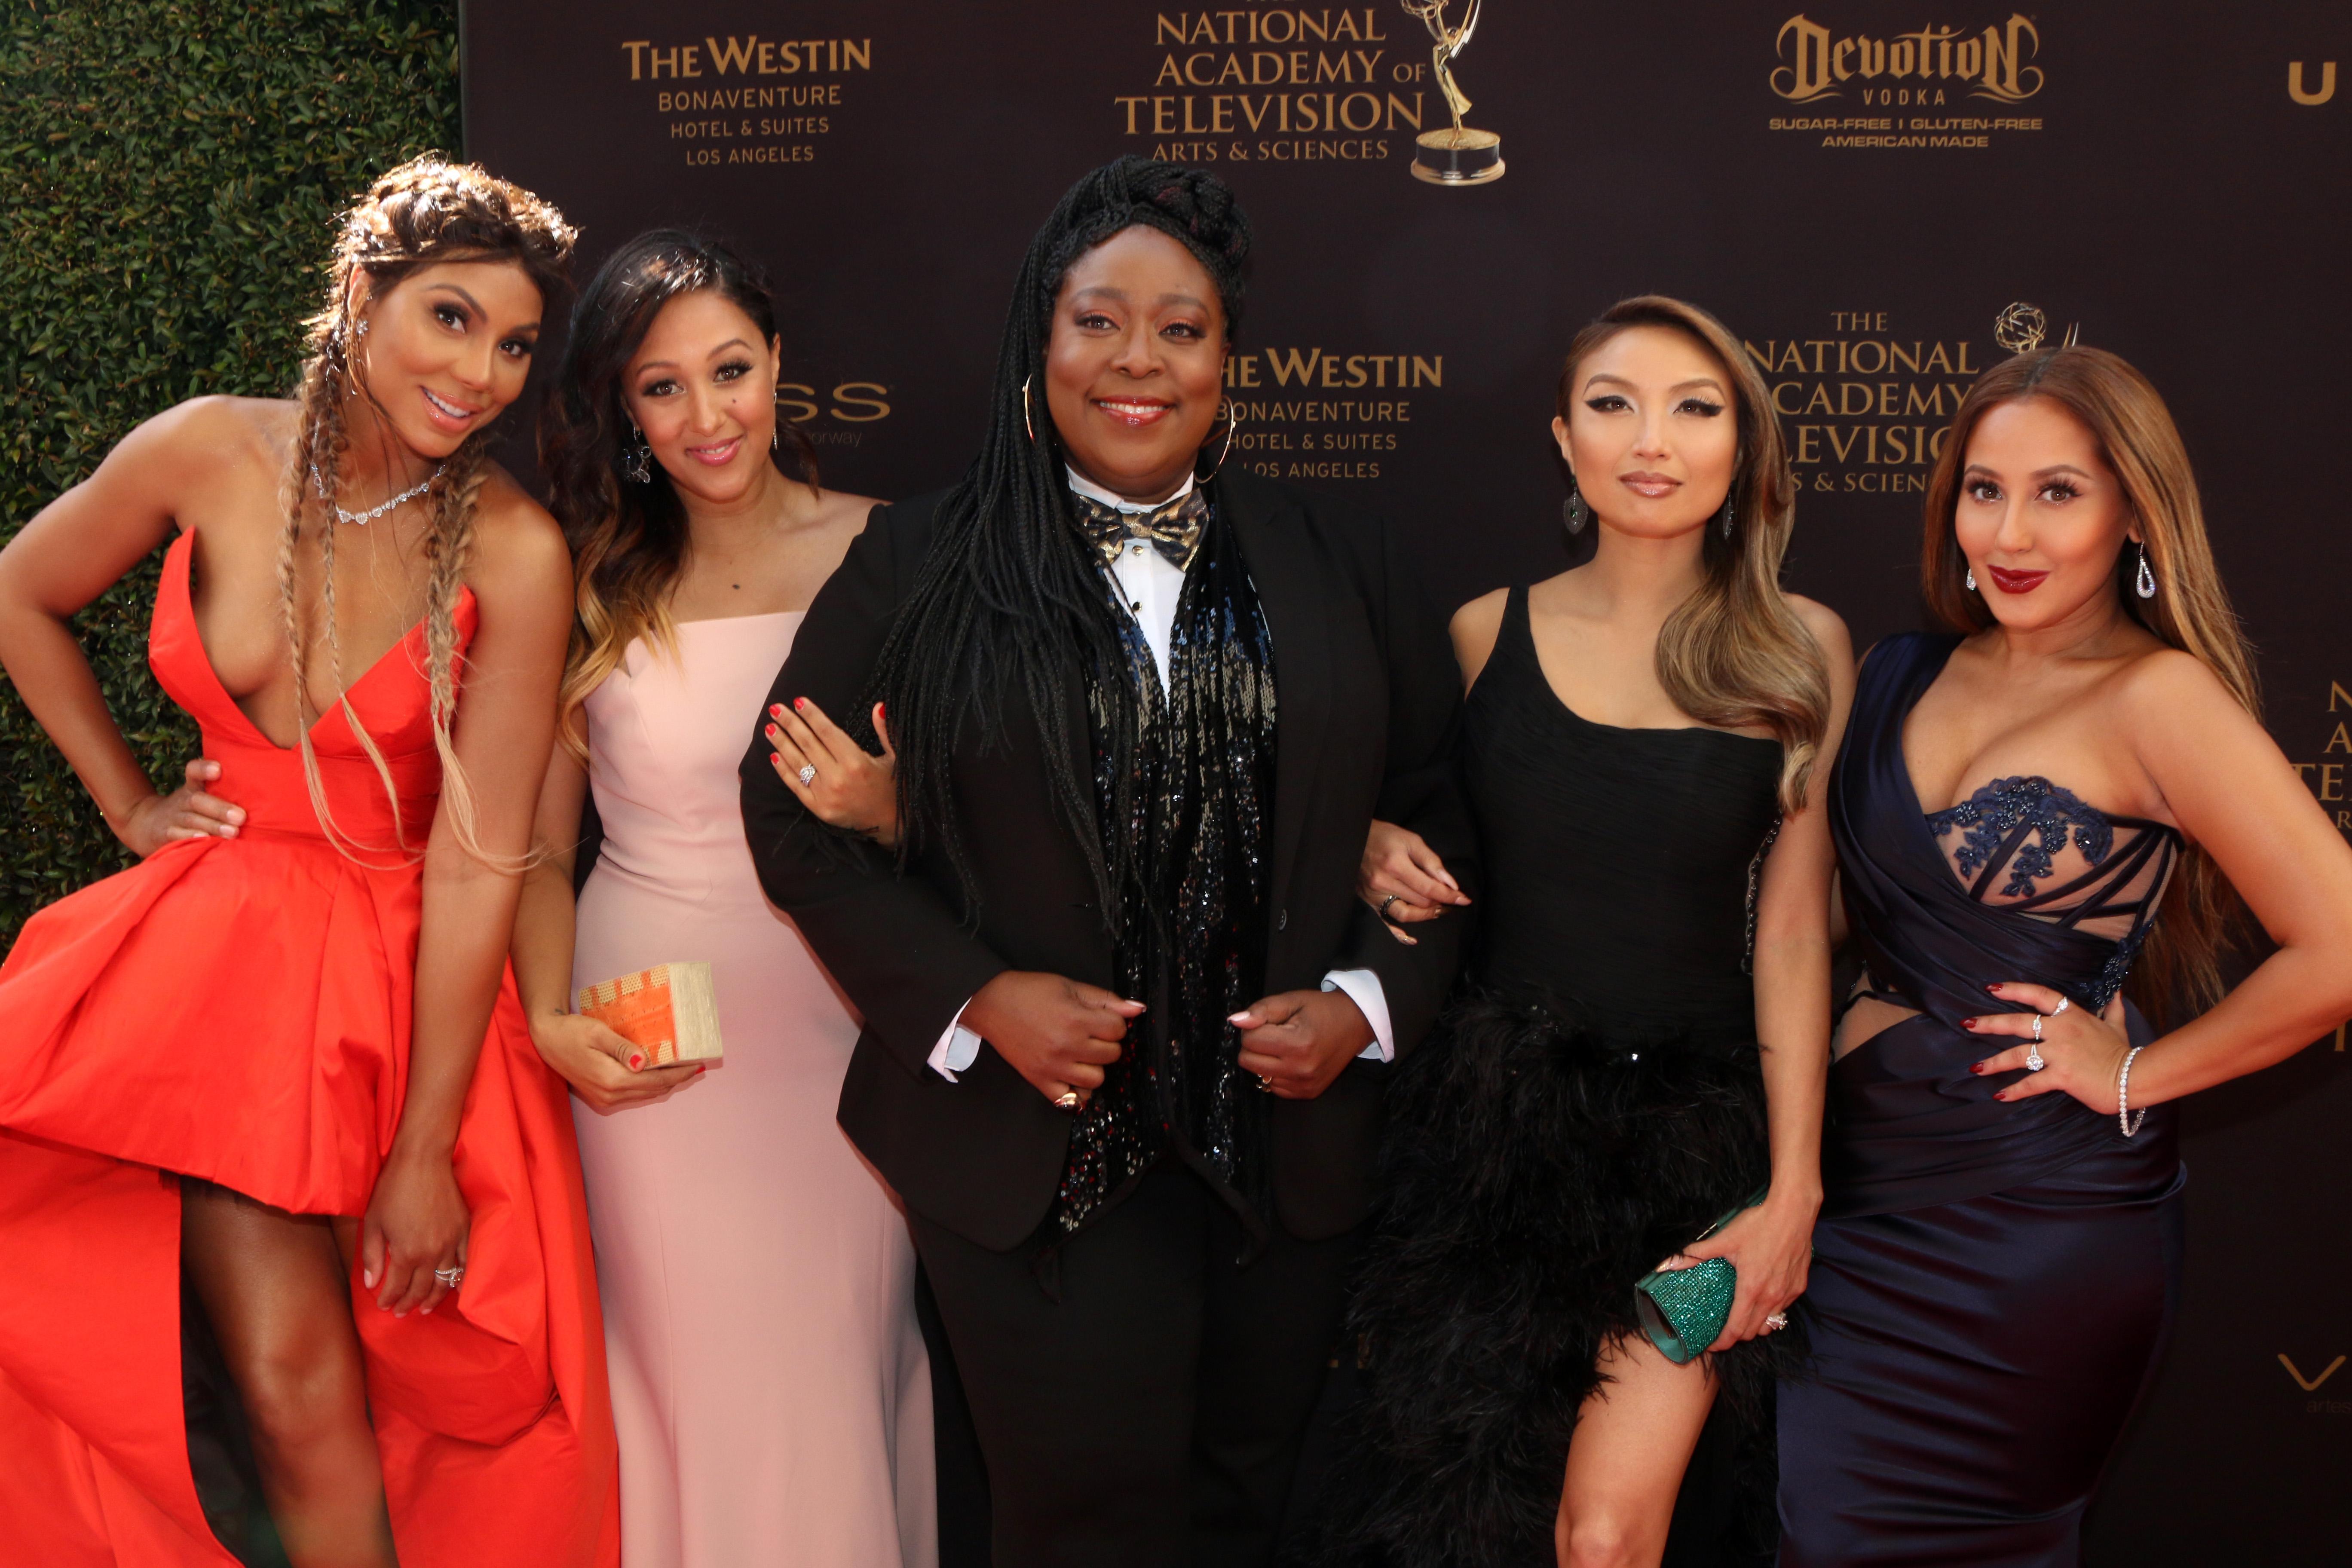 43rd Daytime Emmy Awards - Arrivals